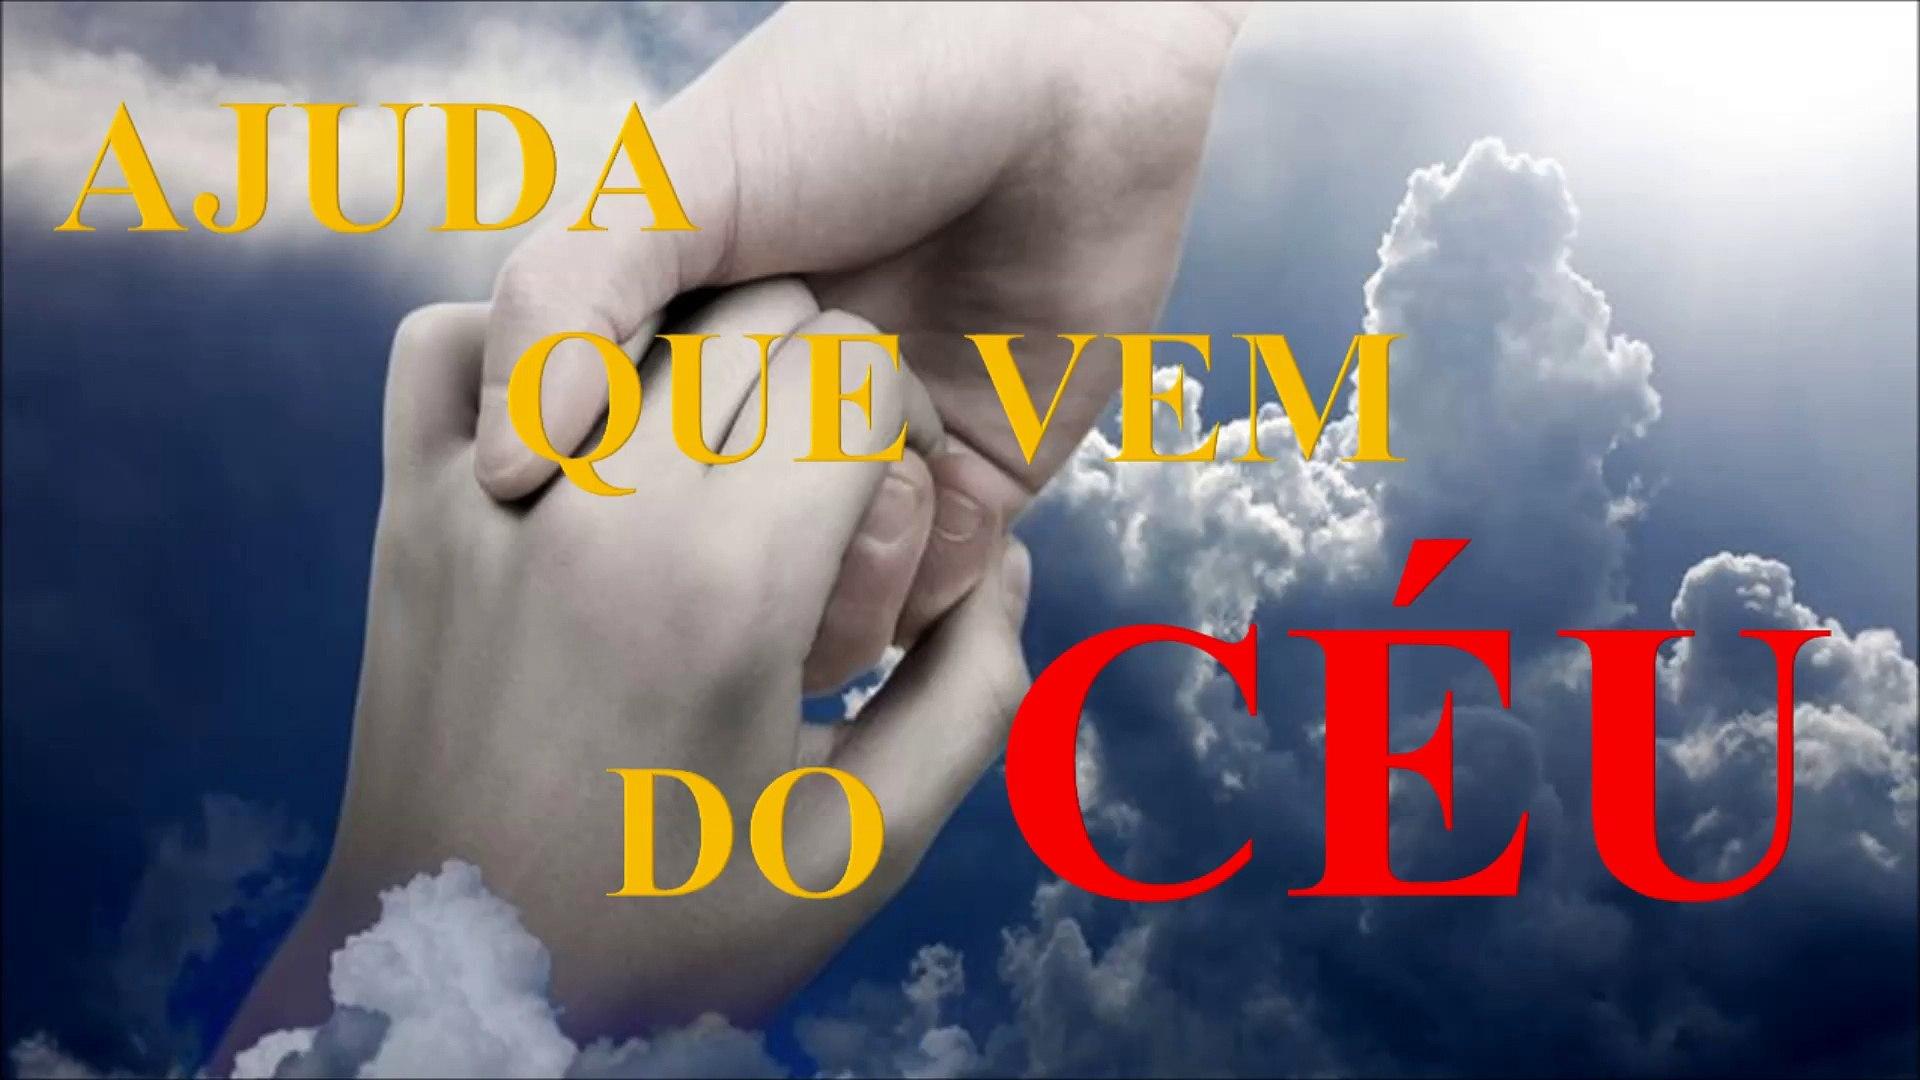 Ajuda que vem do Céu